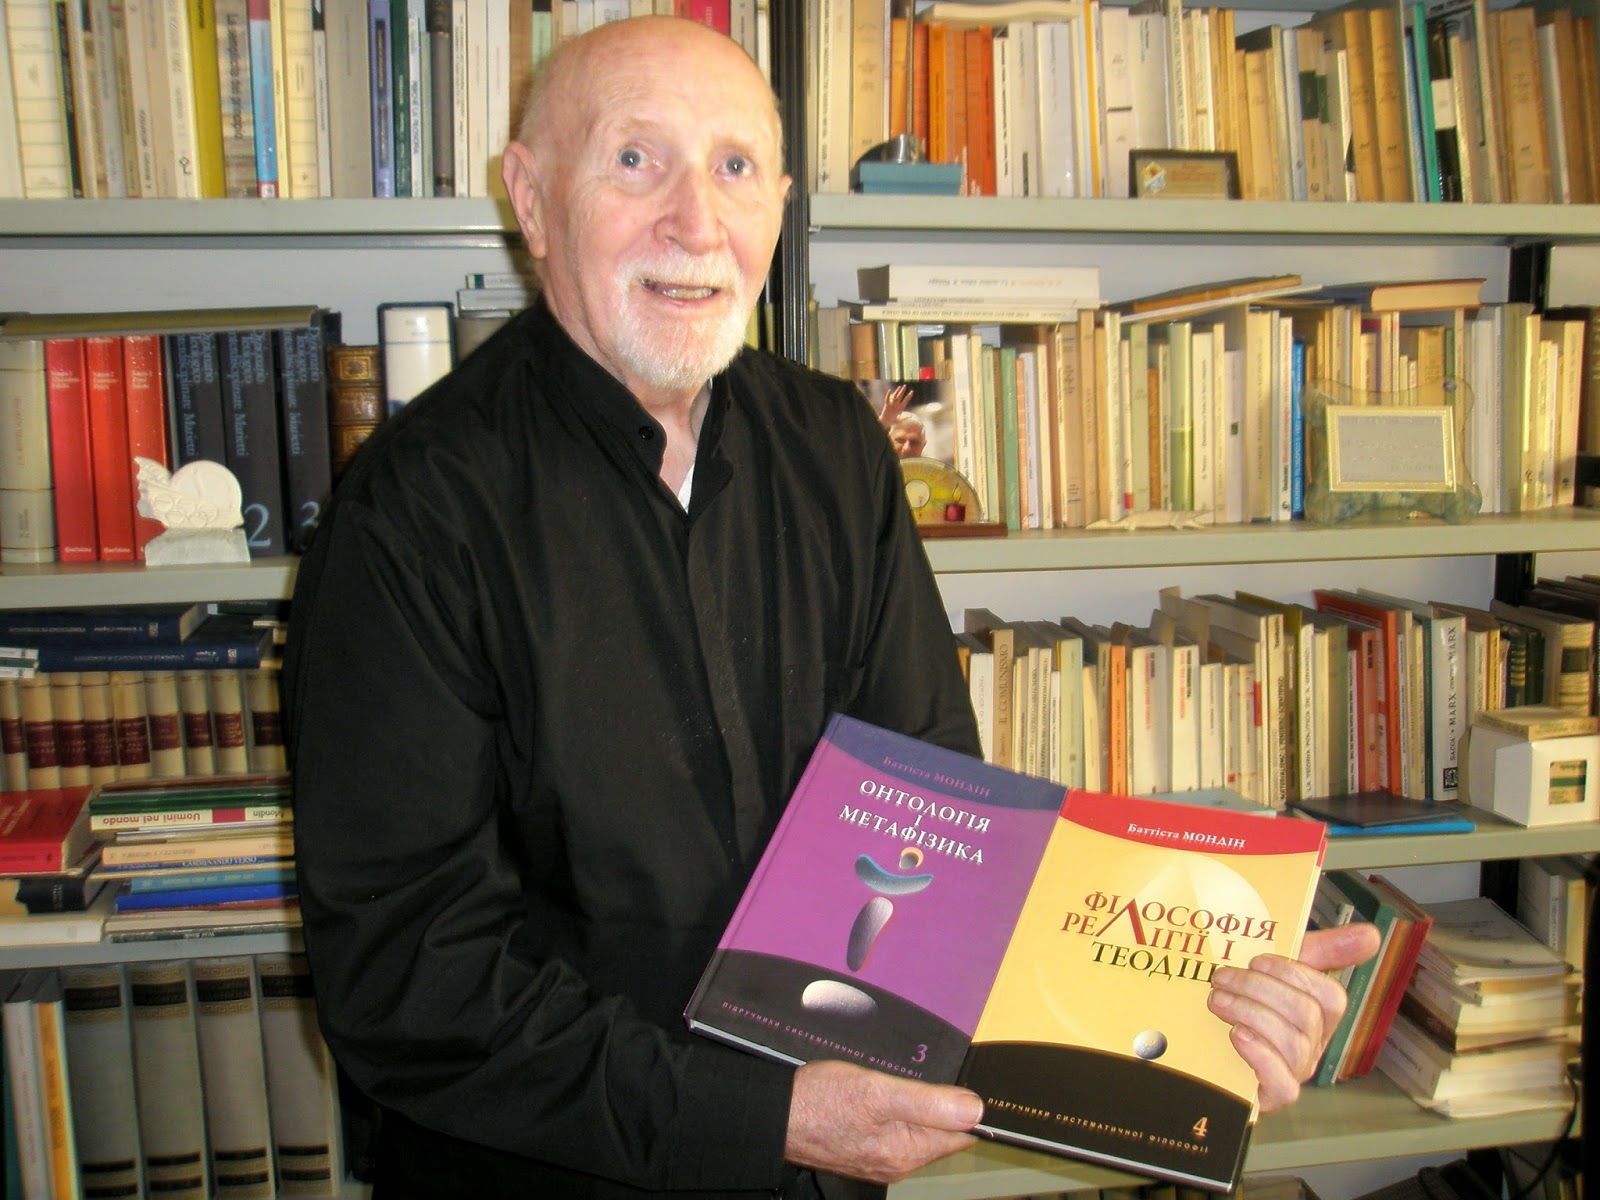 Curso De Filosofia Volume 1 Battista Mondin Pdf